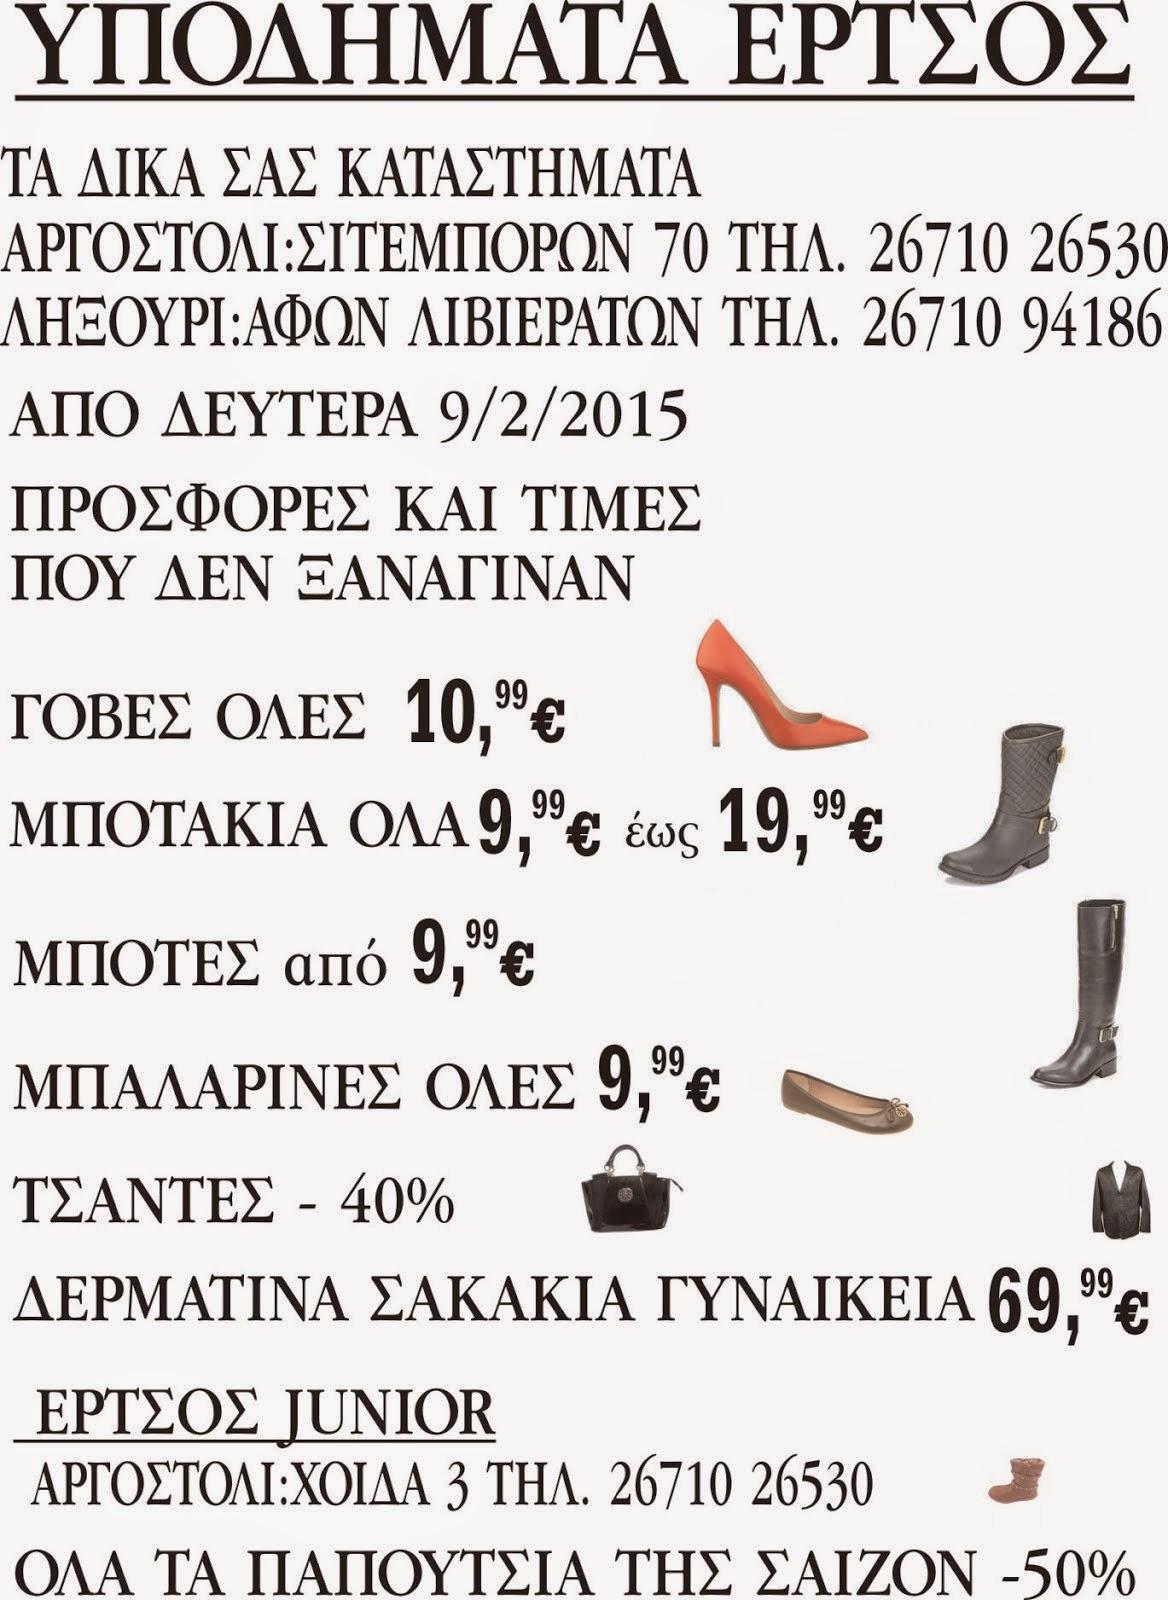 ΕΡΤΣΟΣ ΠΡΟΣΦΟΡΕΣ